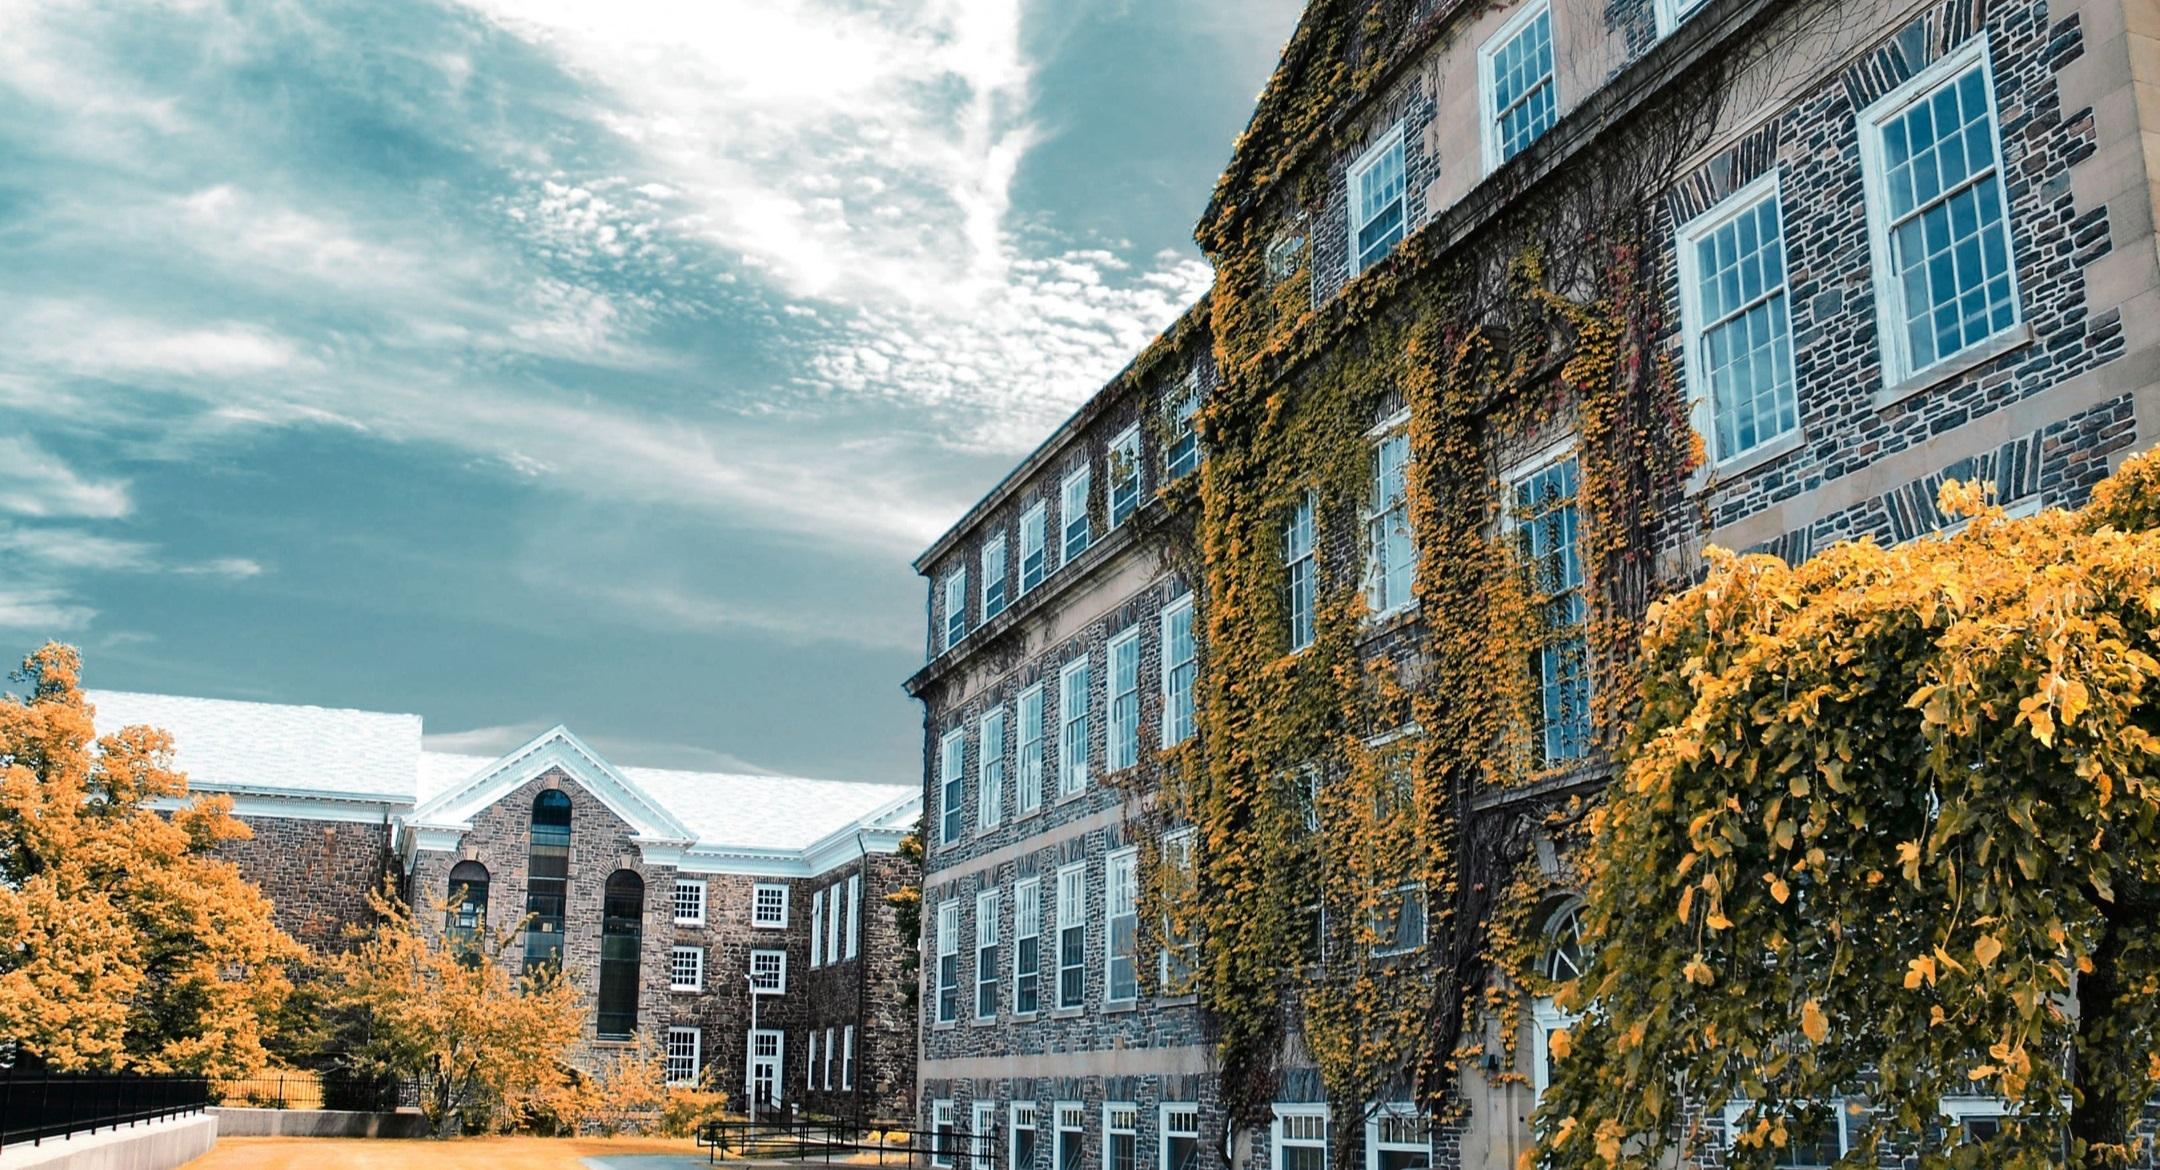 College Uni